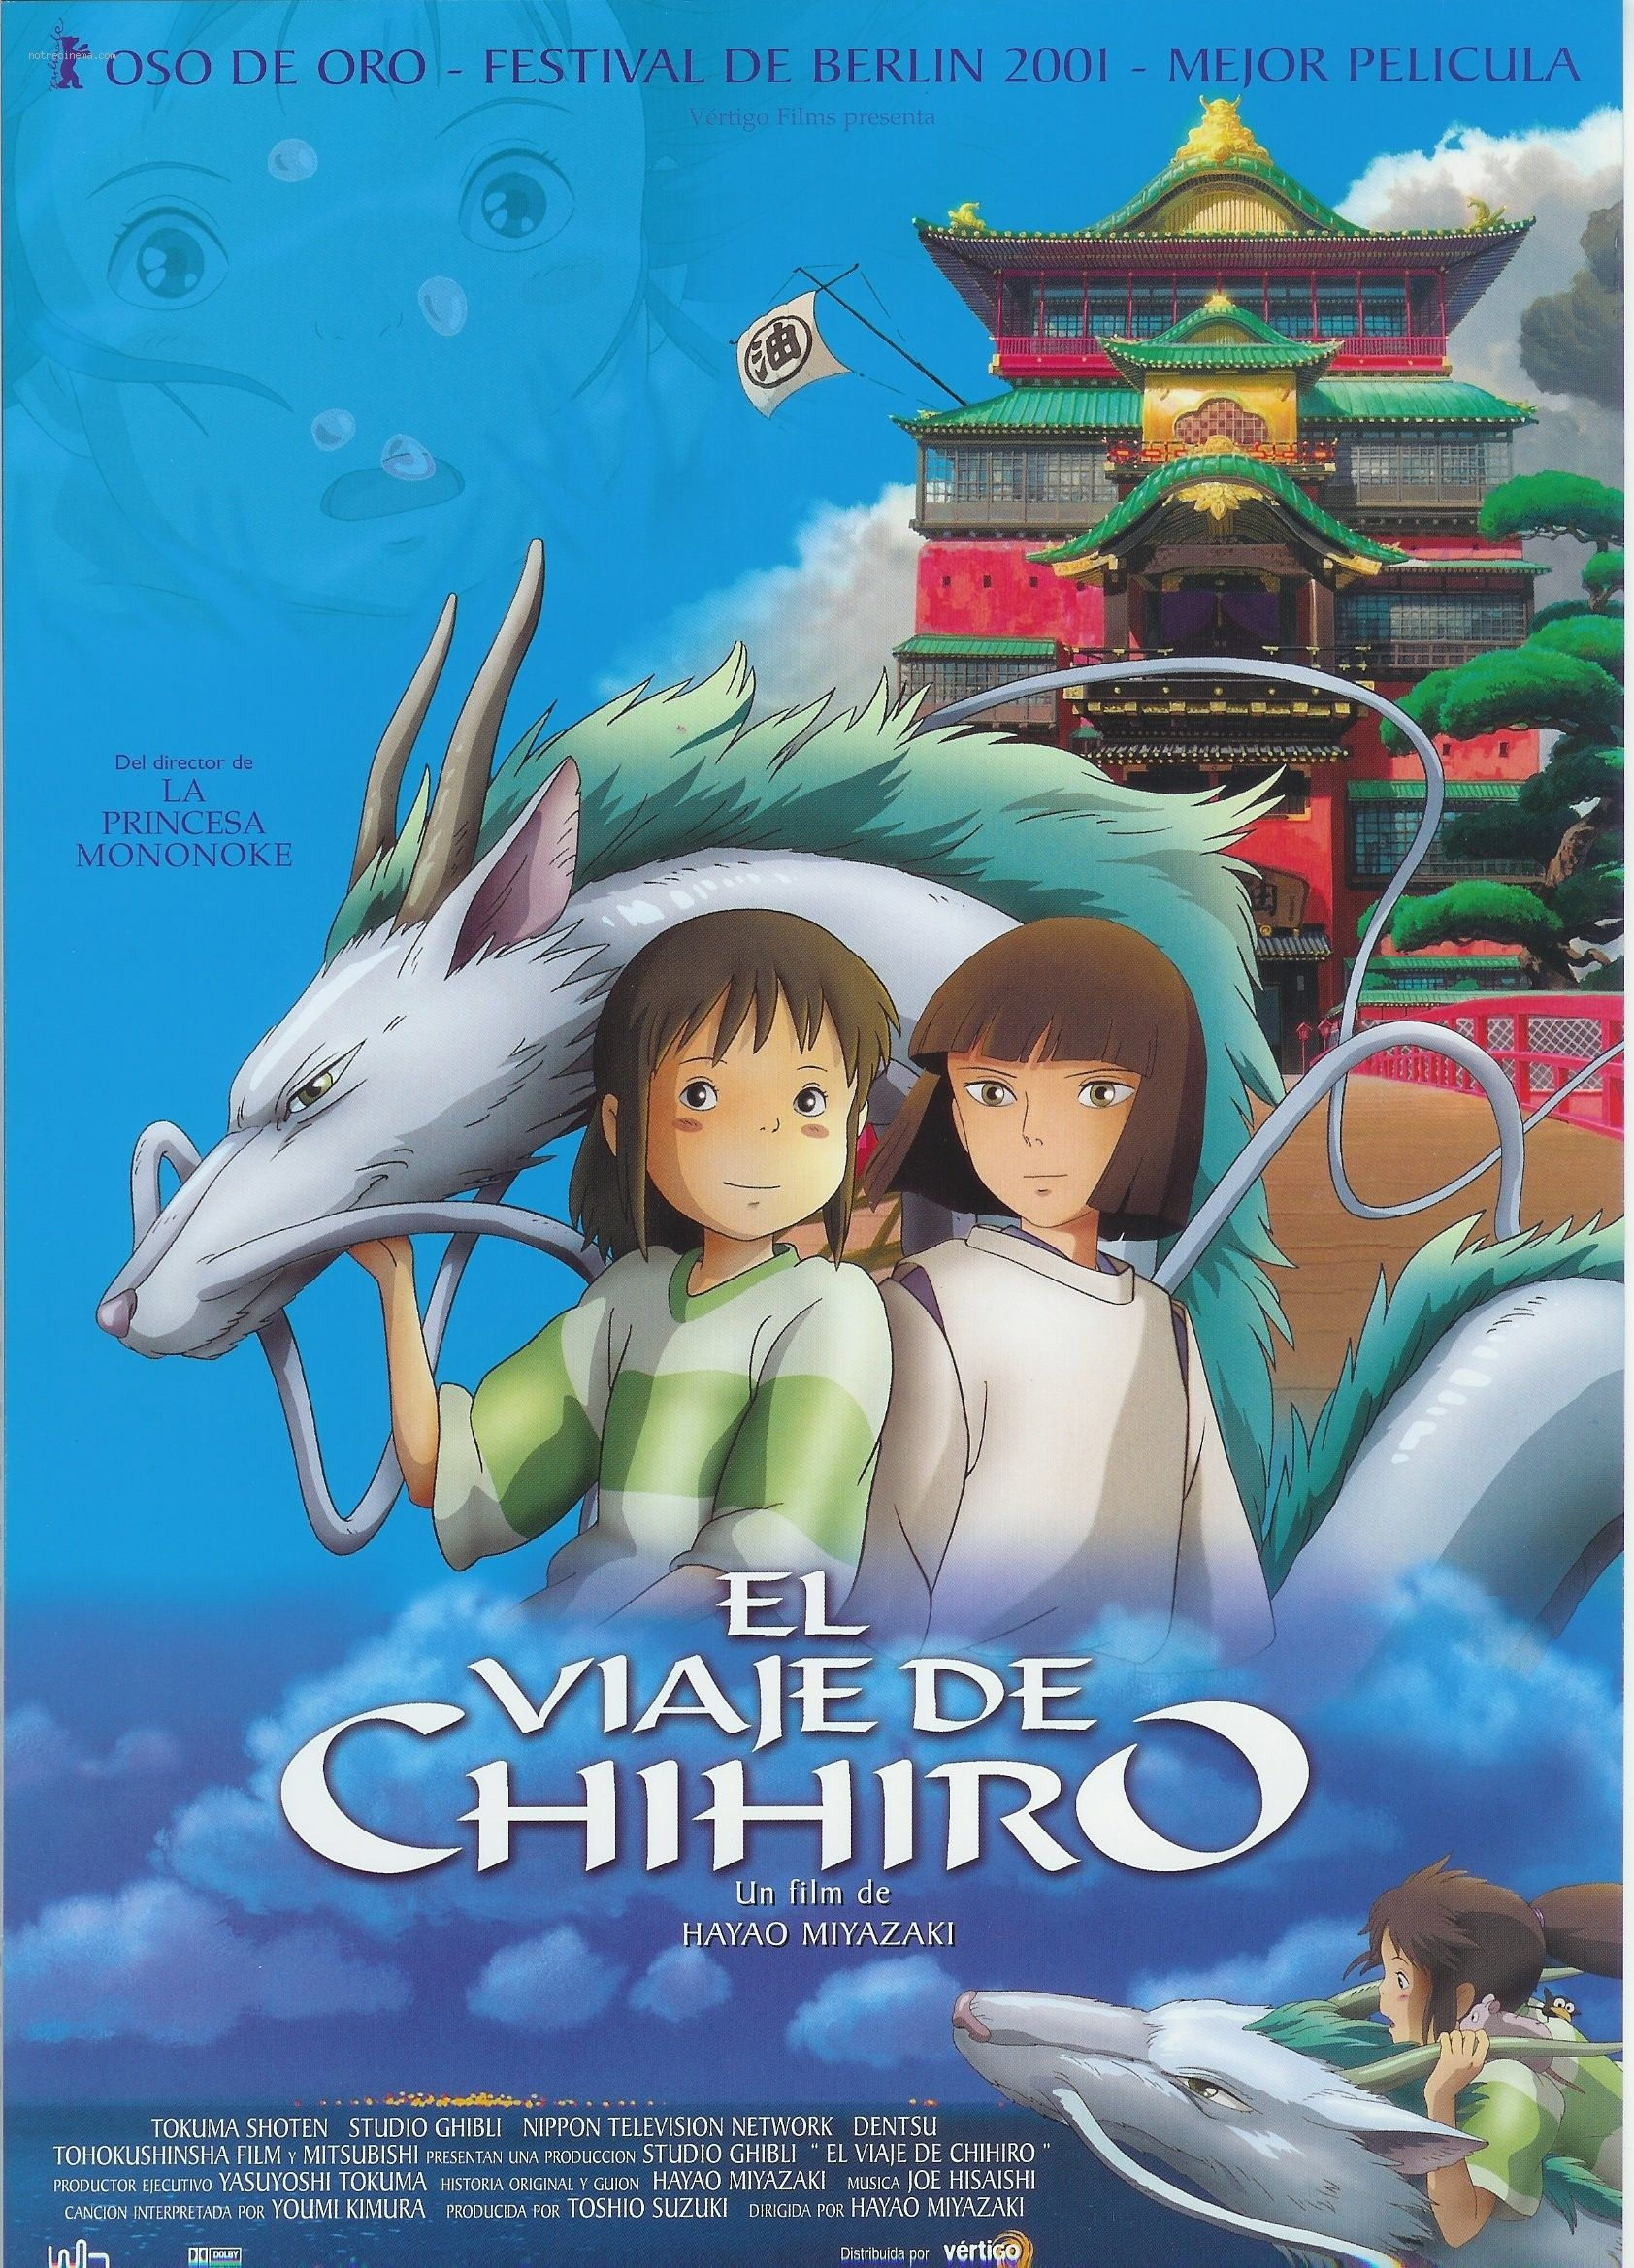 Le Voyage De Chihiro Film Complet En Francais : voyage, chihiro, complet, francais, Couvertures,, Images, Illustrations, Voyage, Chihiro, Chihiro,, Films, Rétro,, Complets